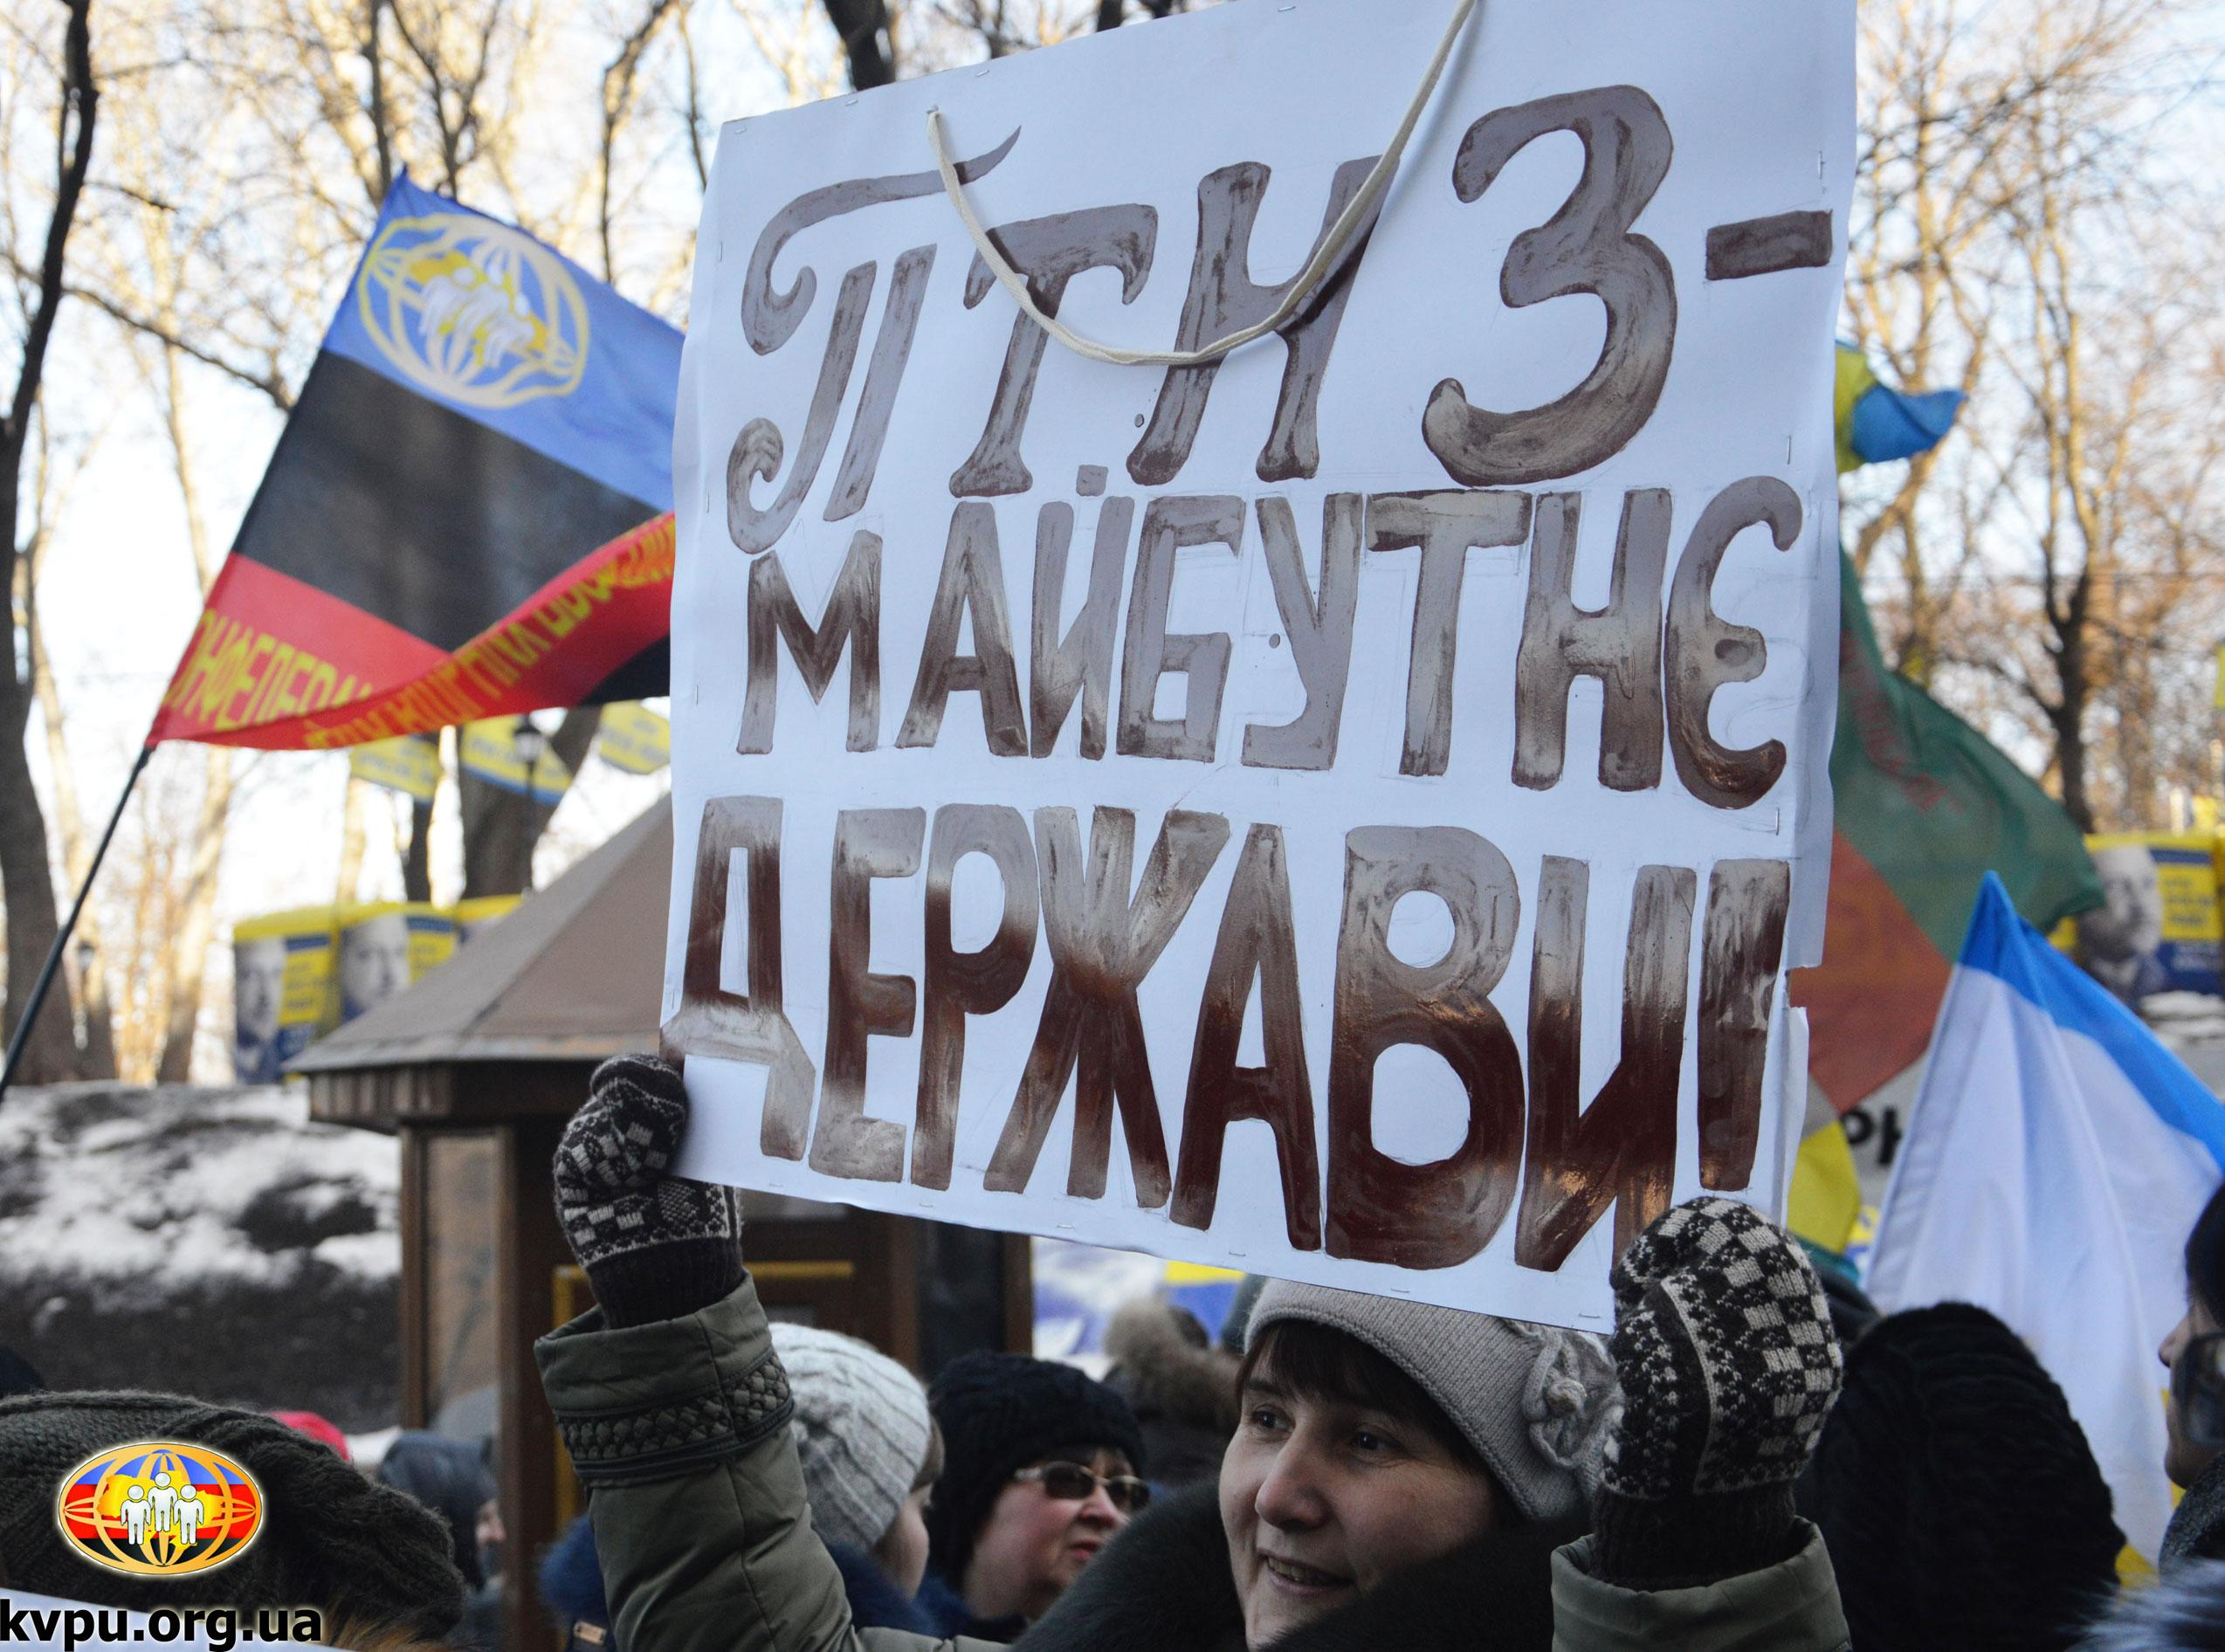 Протест порфспілок біля Кабінету міністрів України